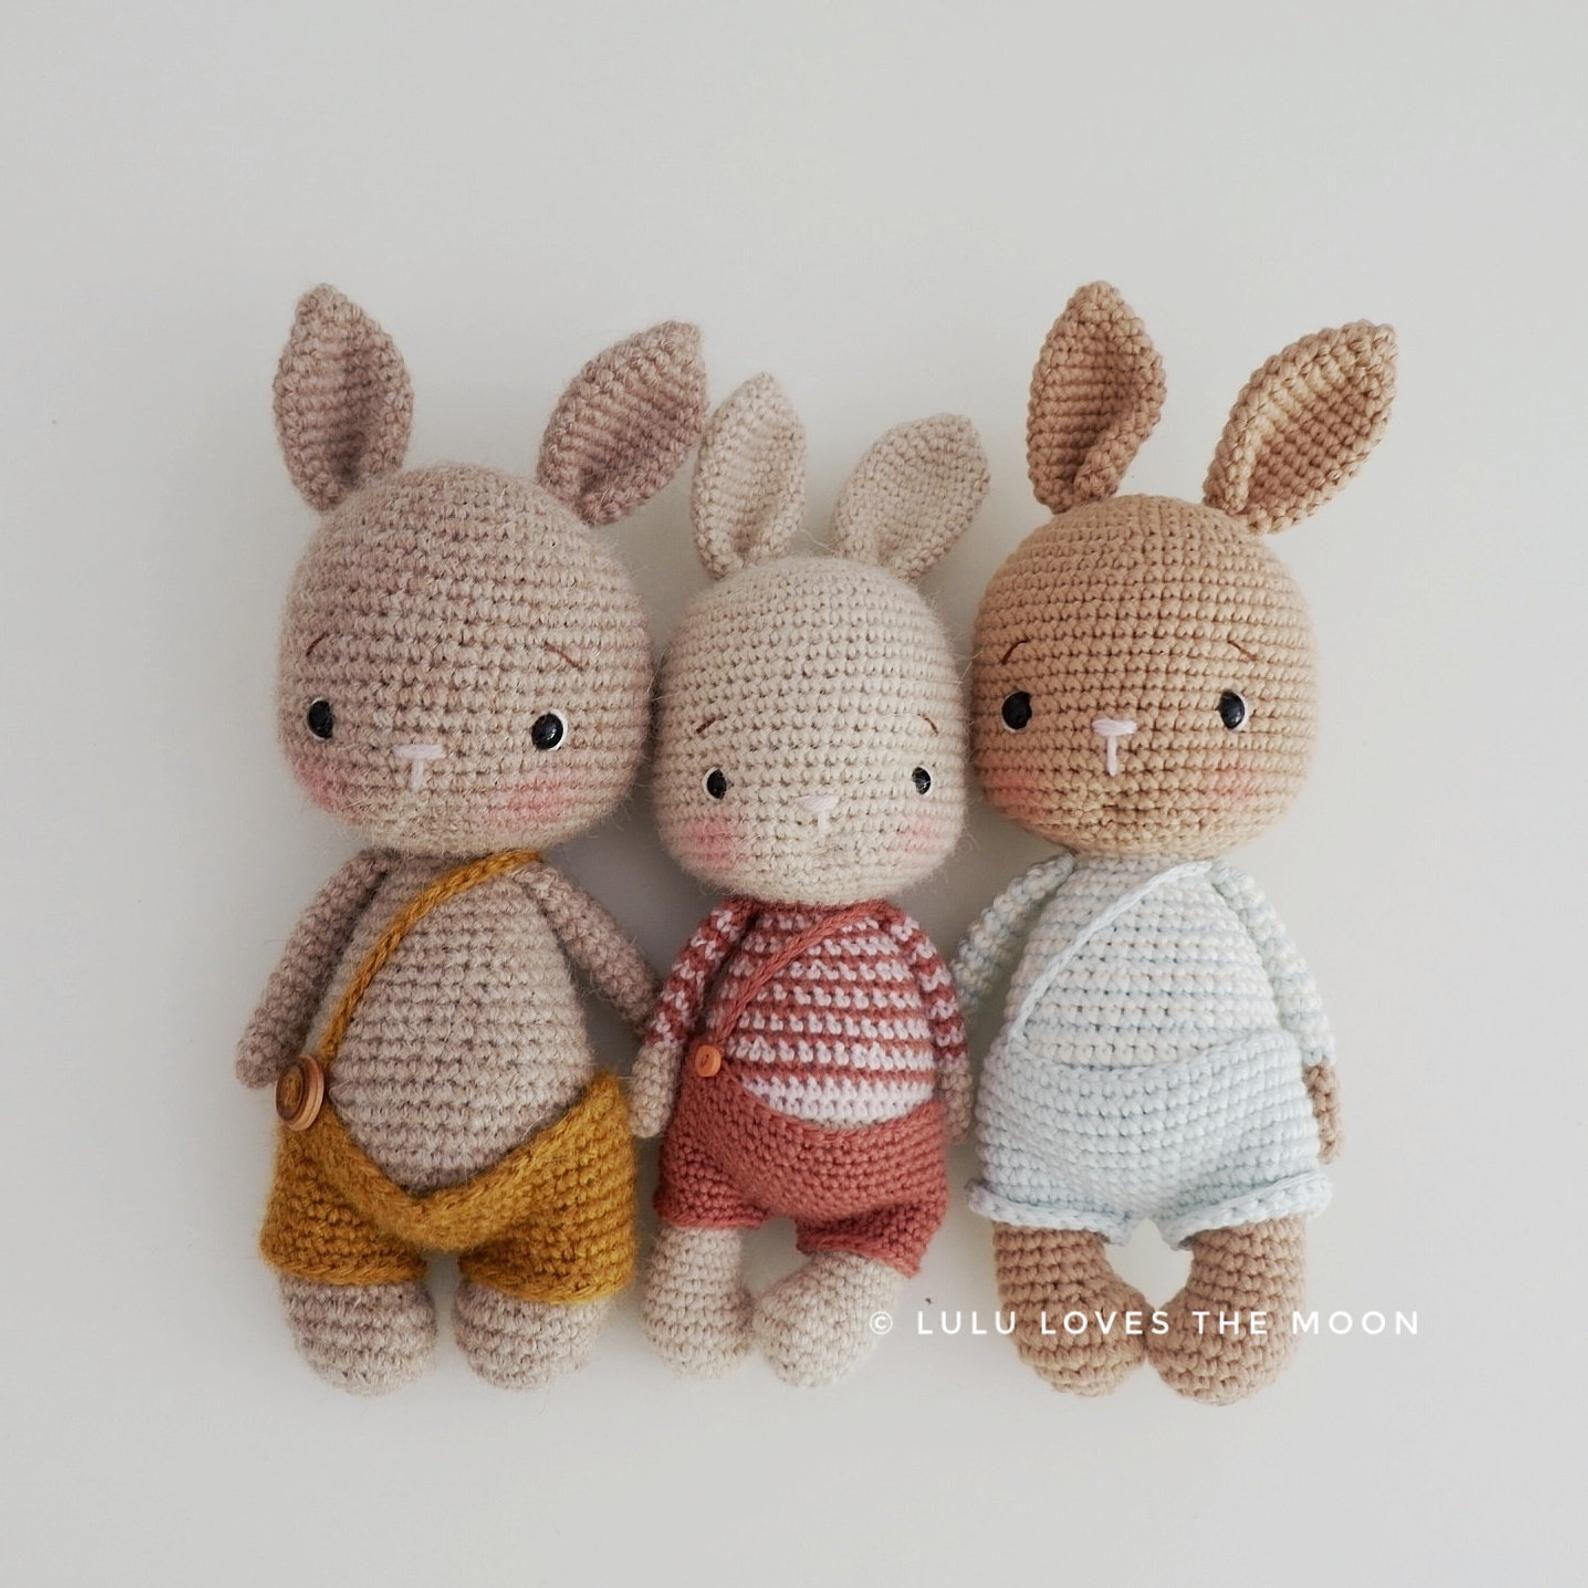 Häkelanleitung Bunny Pumpkin, nur deutsch, only german, häkeln, crochet, Hase, Häschen. Amigurumi, Kuschelhase #вязаныеигрушки